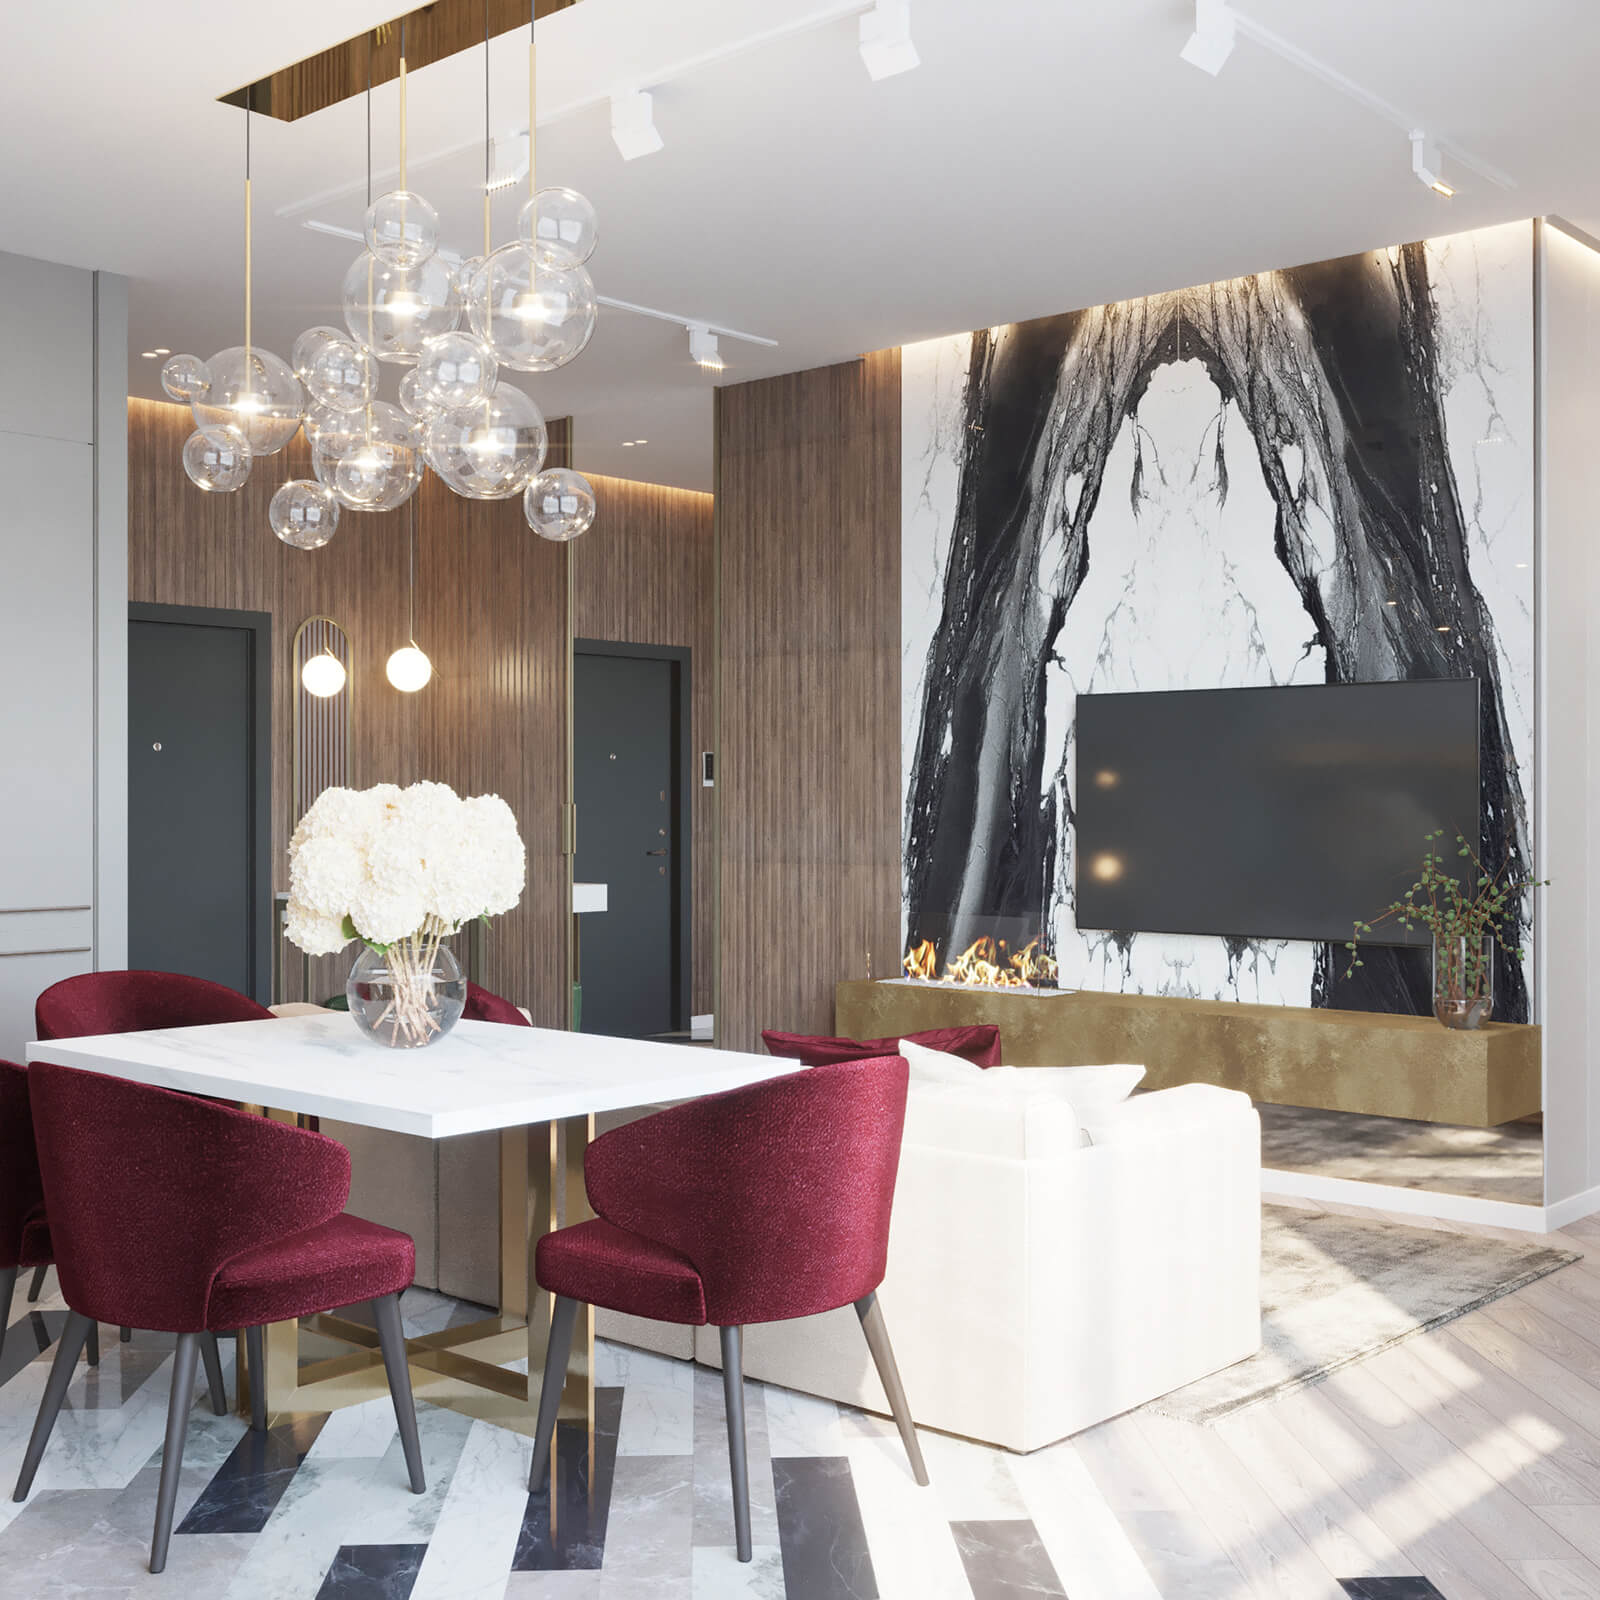 Минимализм и искусство в дизайне квартиры